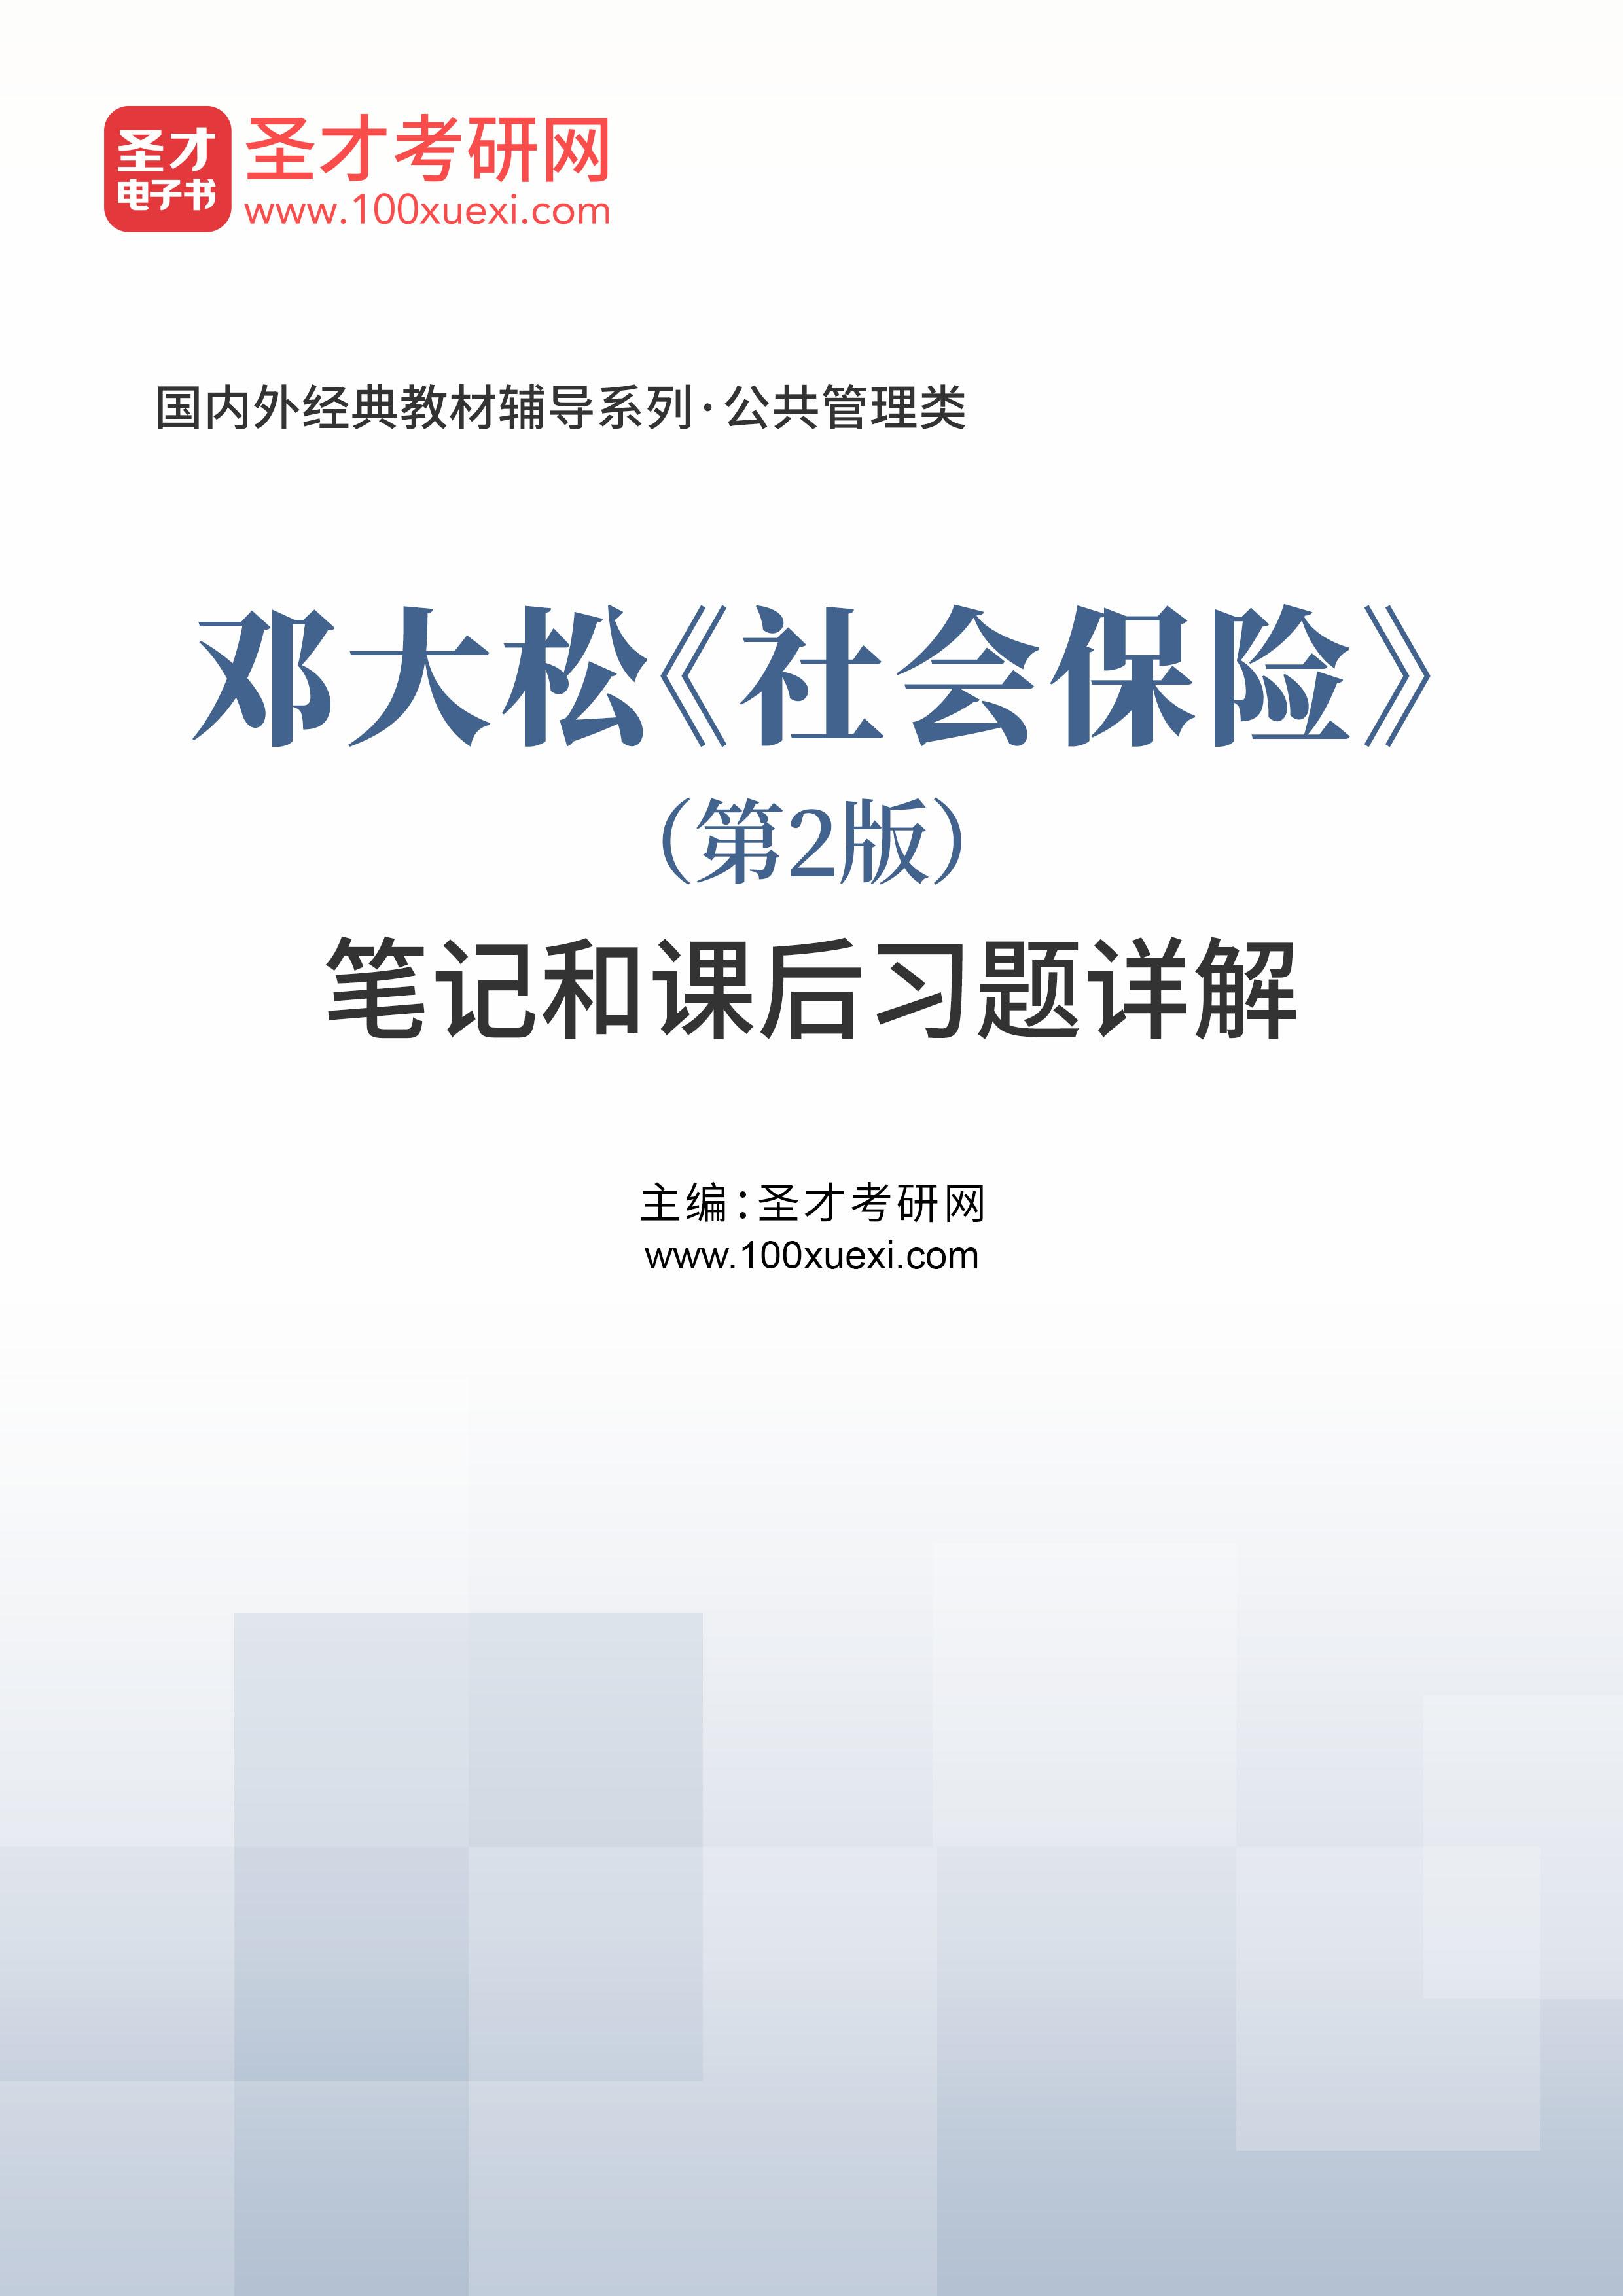 邓大松《社会保险》(第2版)笔记和课后习题详解